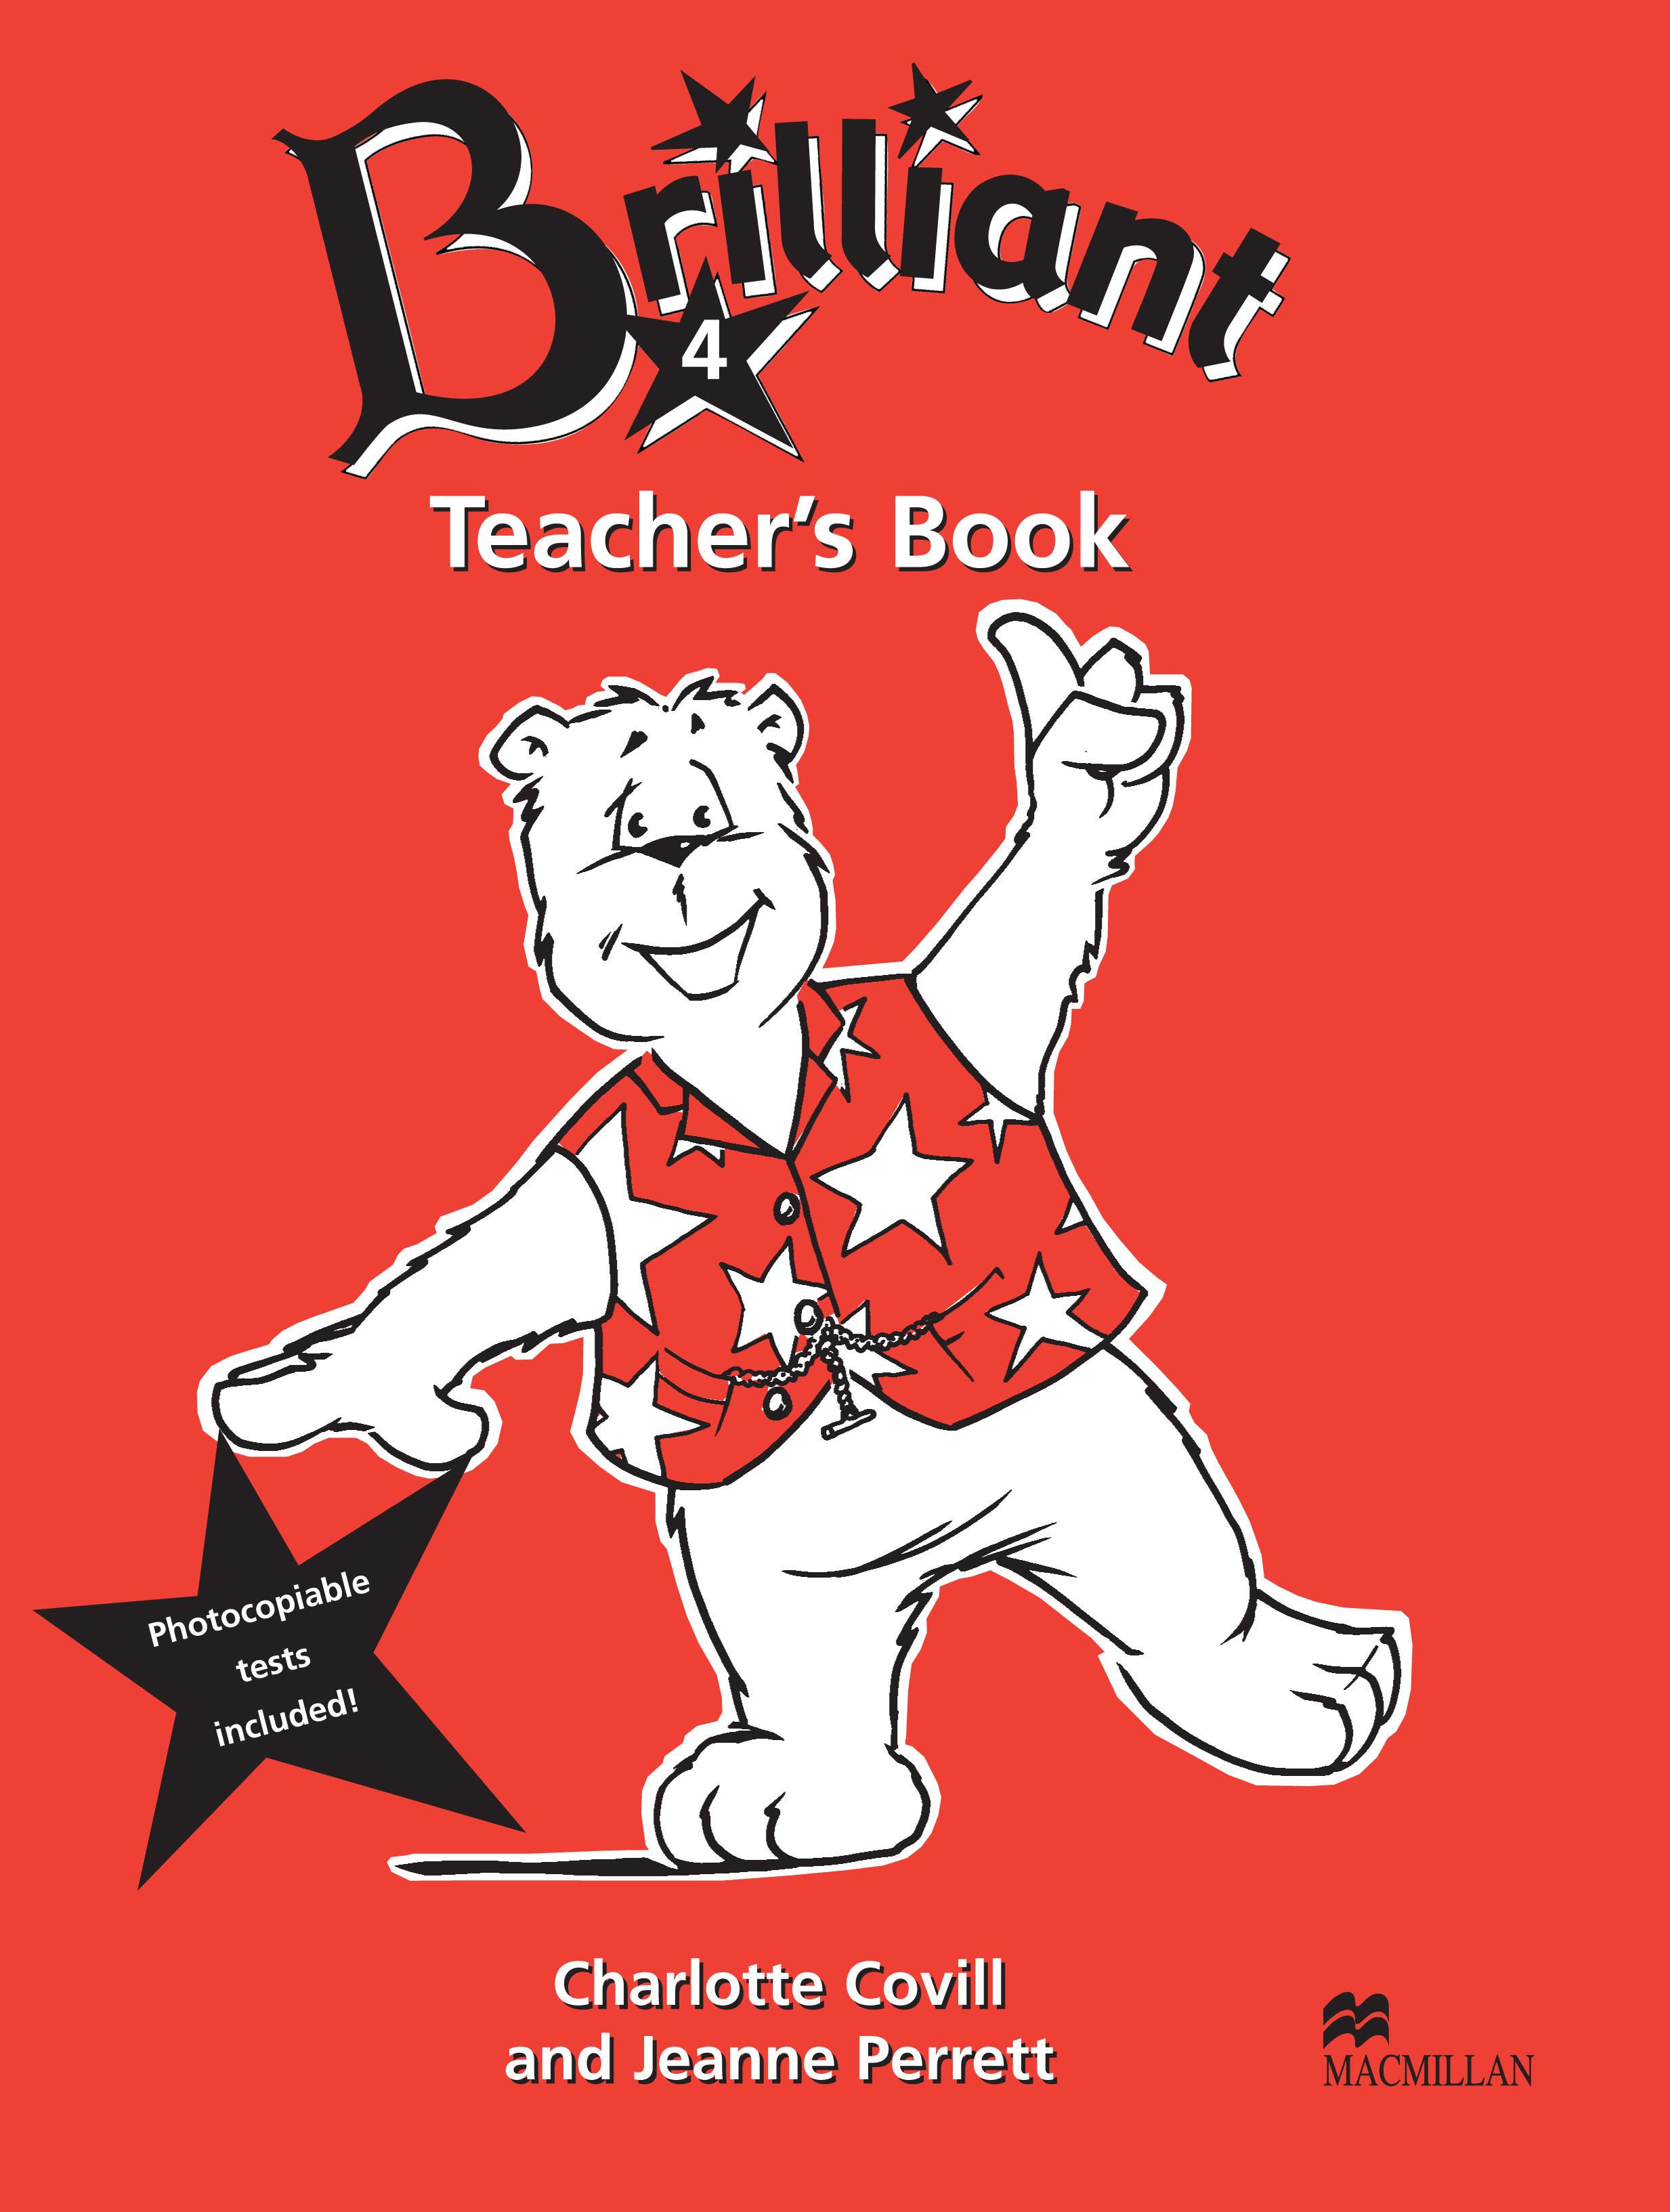 Brilliant 4 Teacher